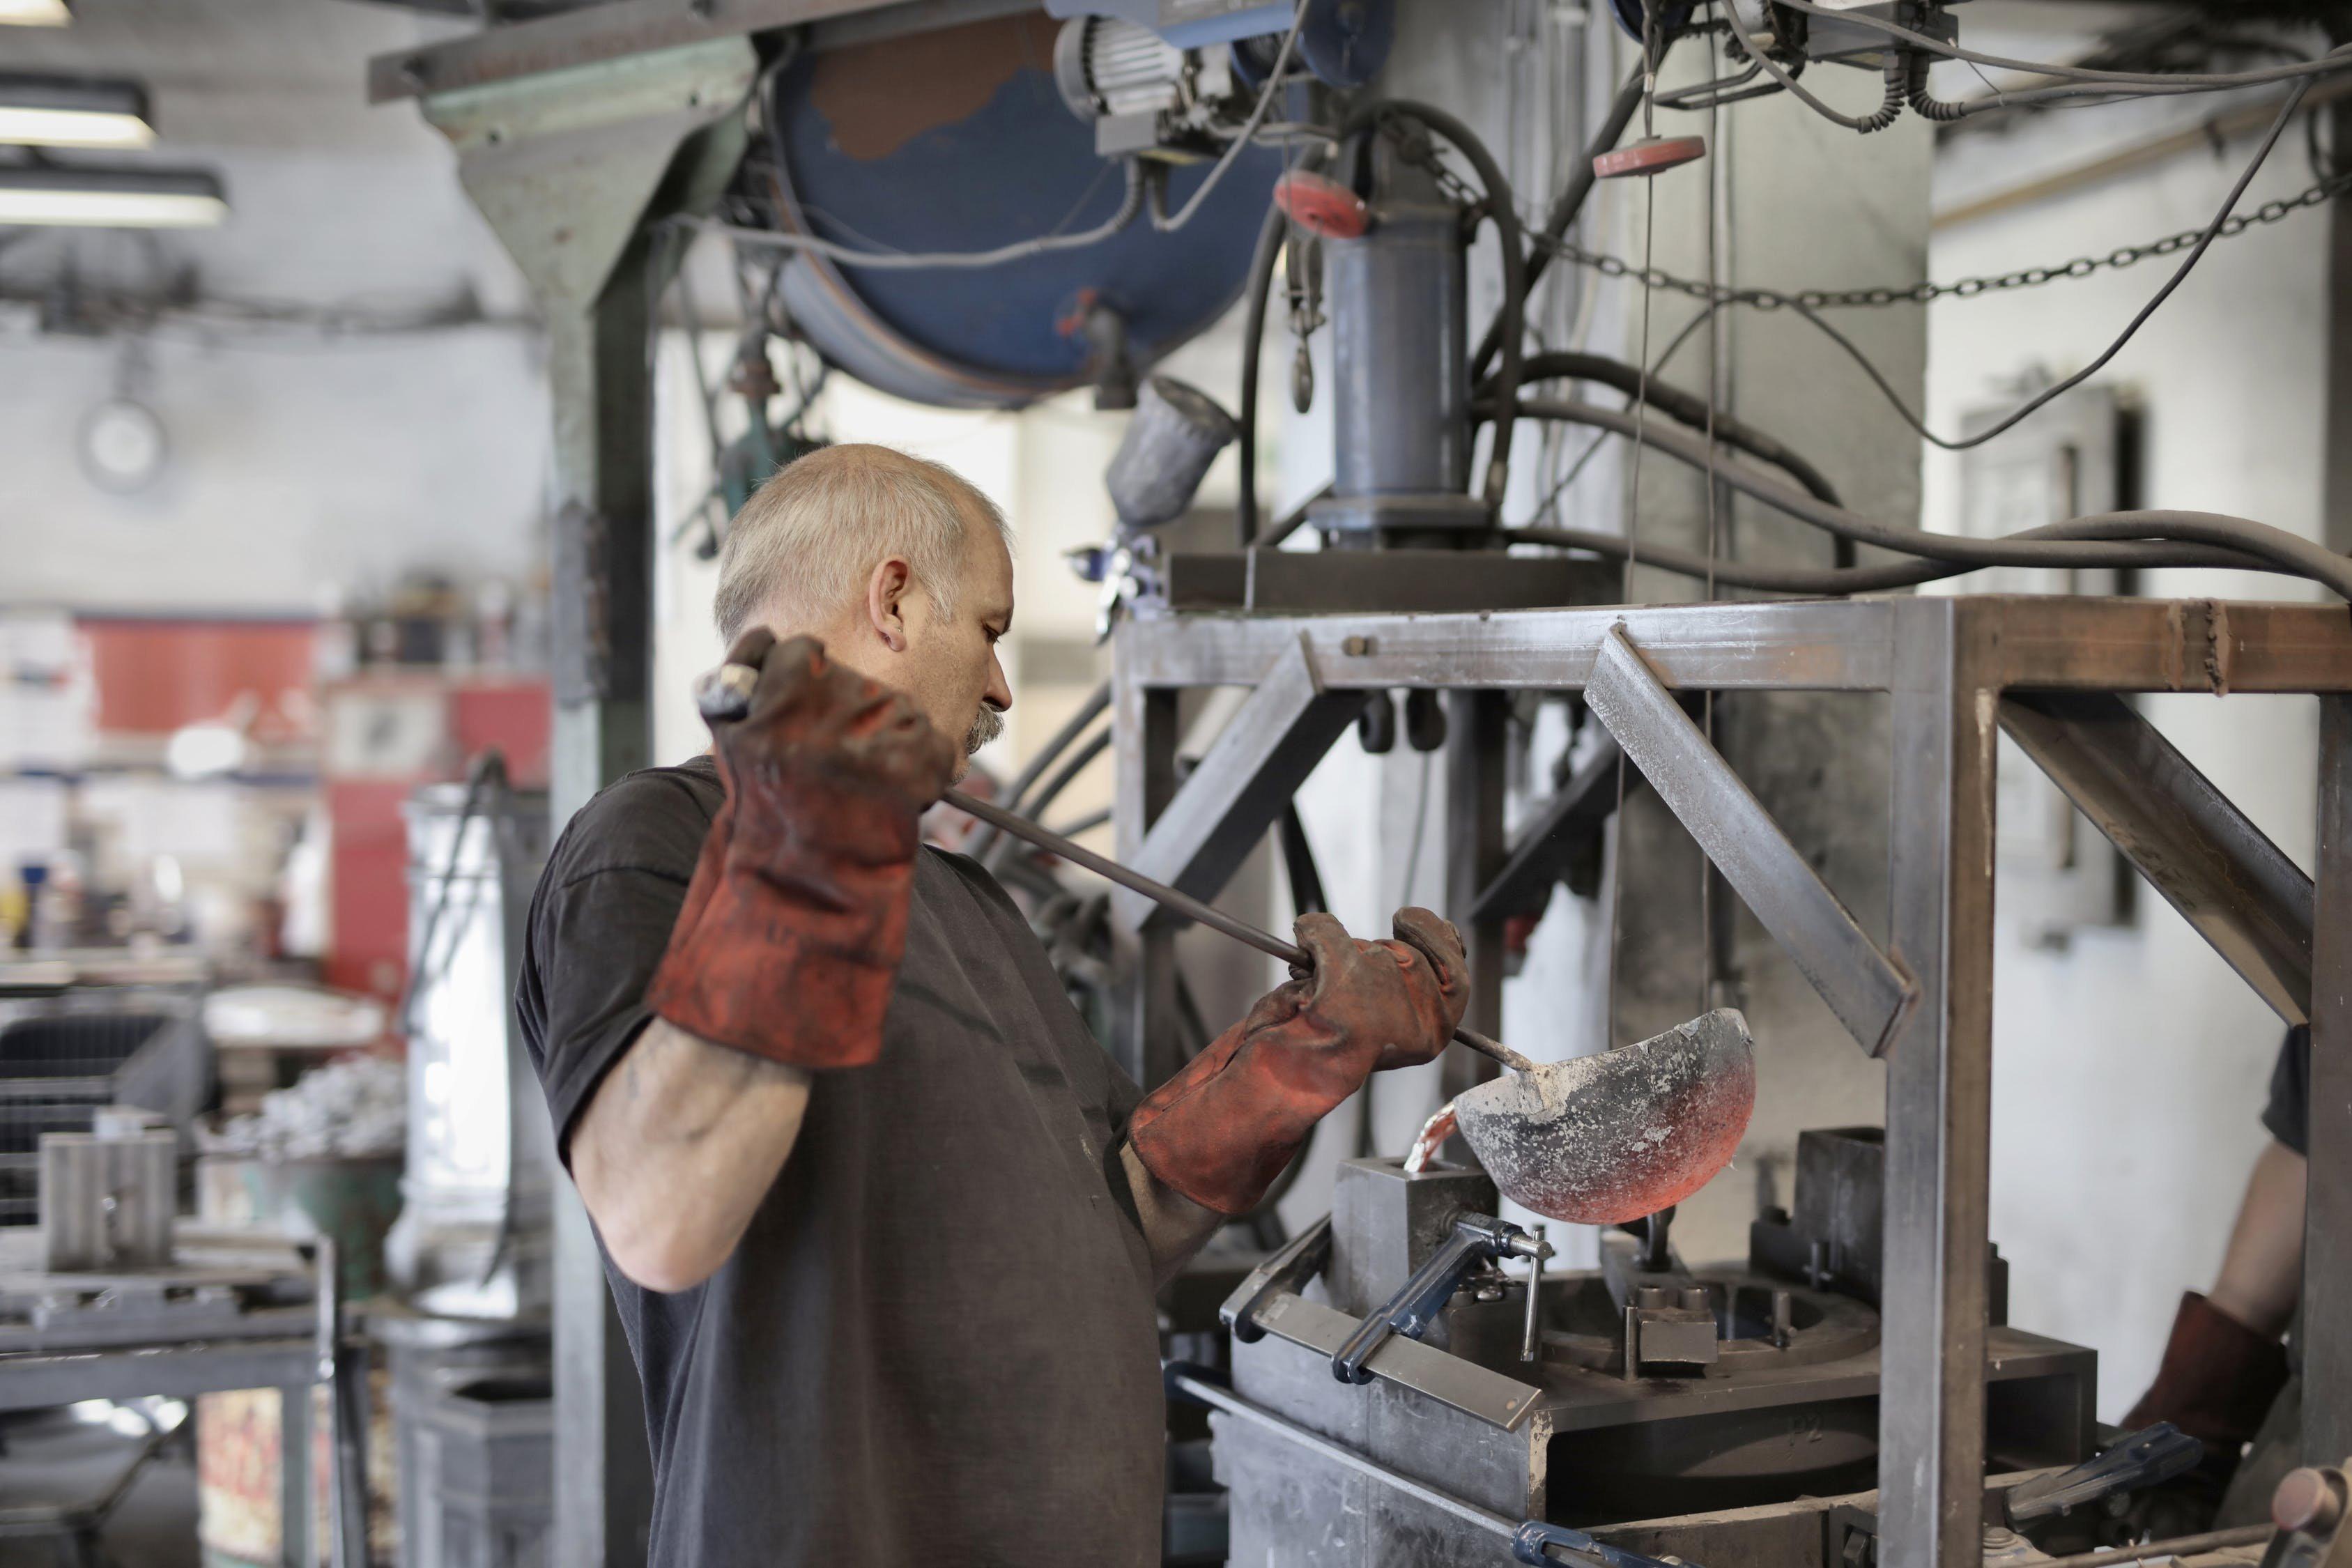 天工国际(0826.HK)与欧洲伙伴签订分销协议,粉末冶金进入新阶段